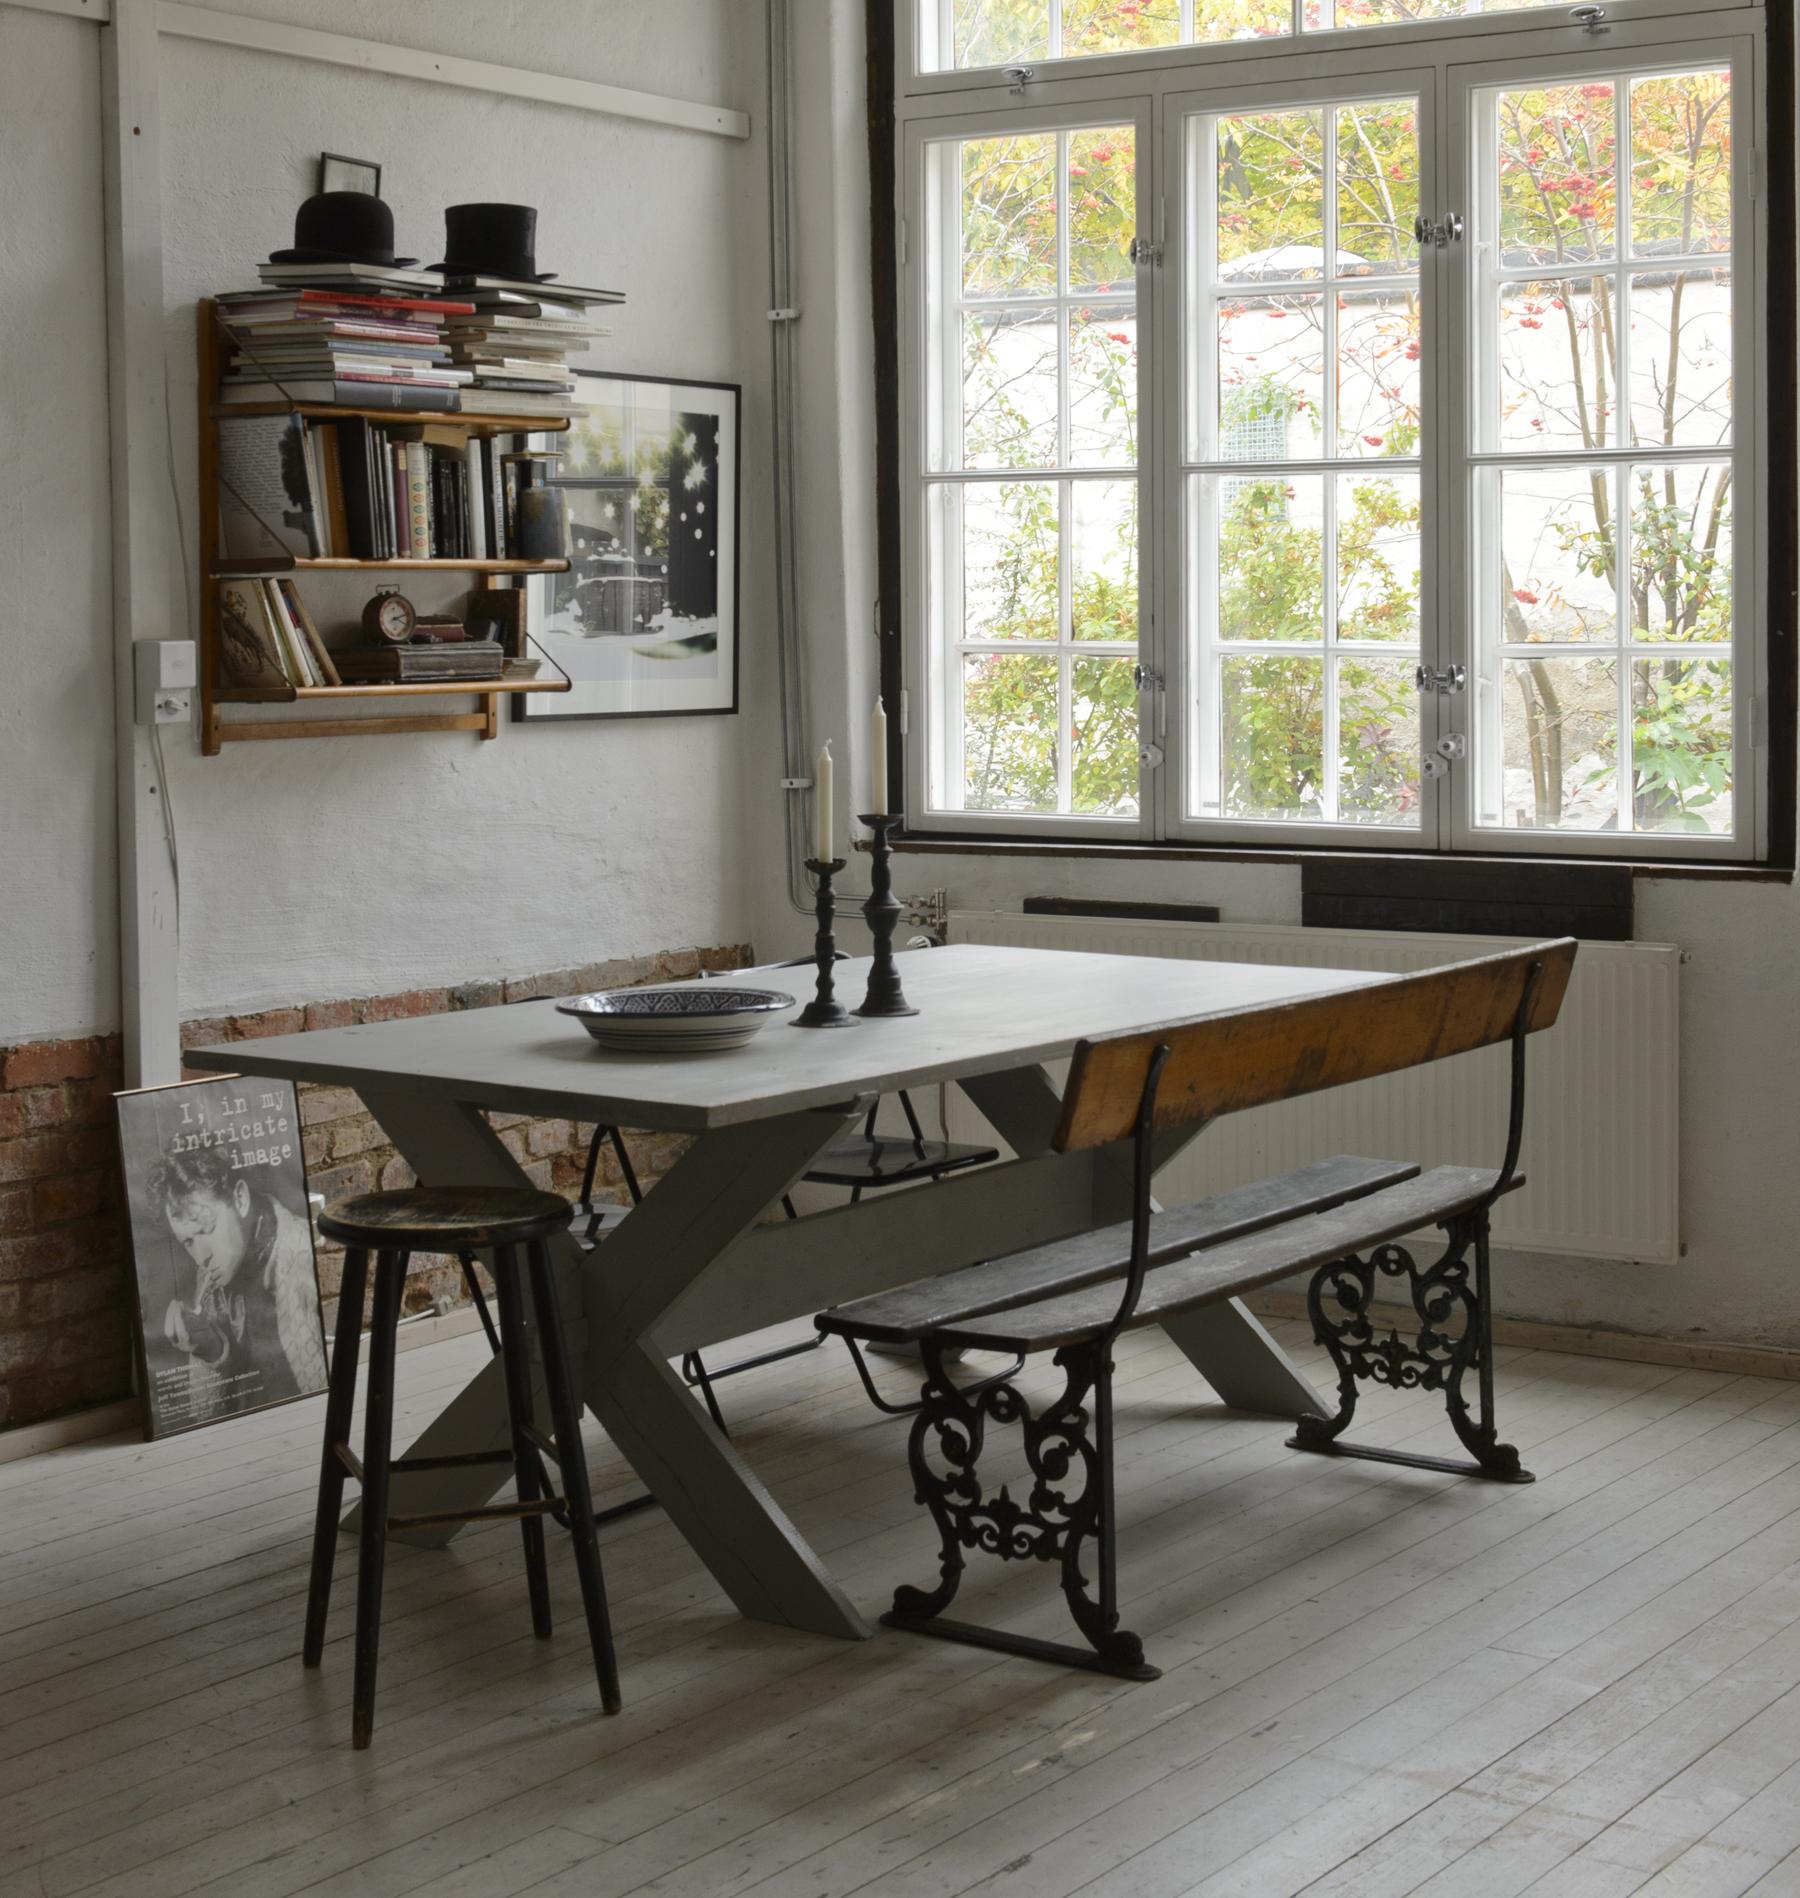 Butik Lanthandeln - Stort rustikt matbord SÅLT